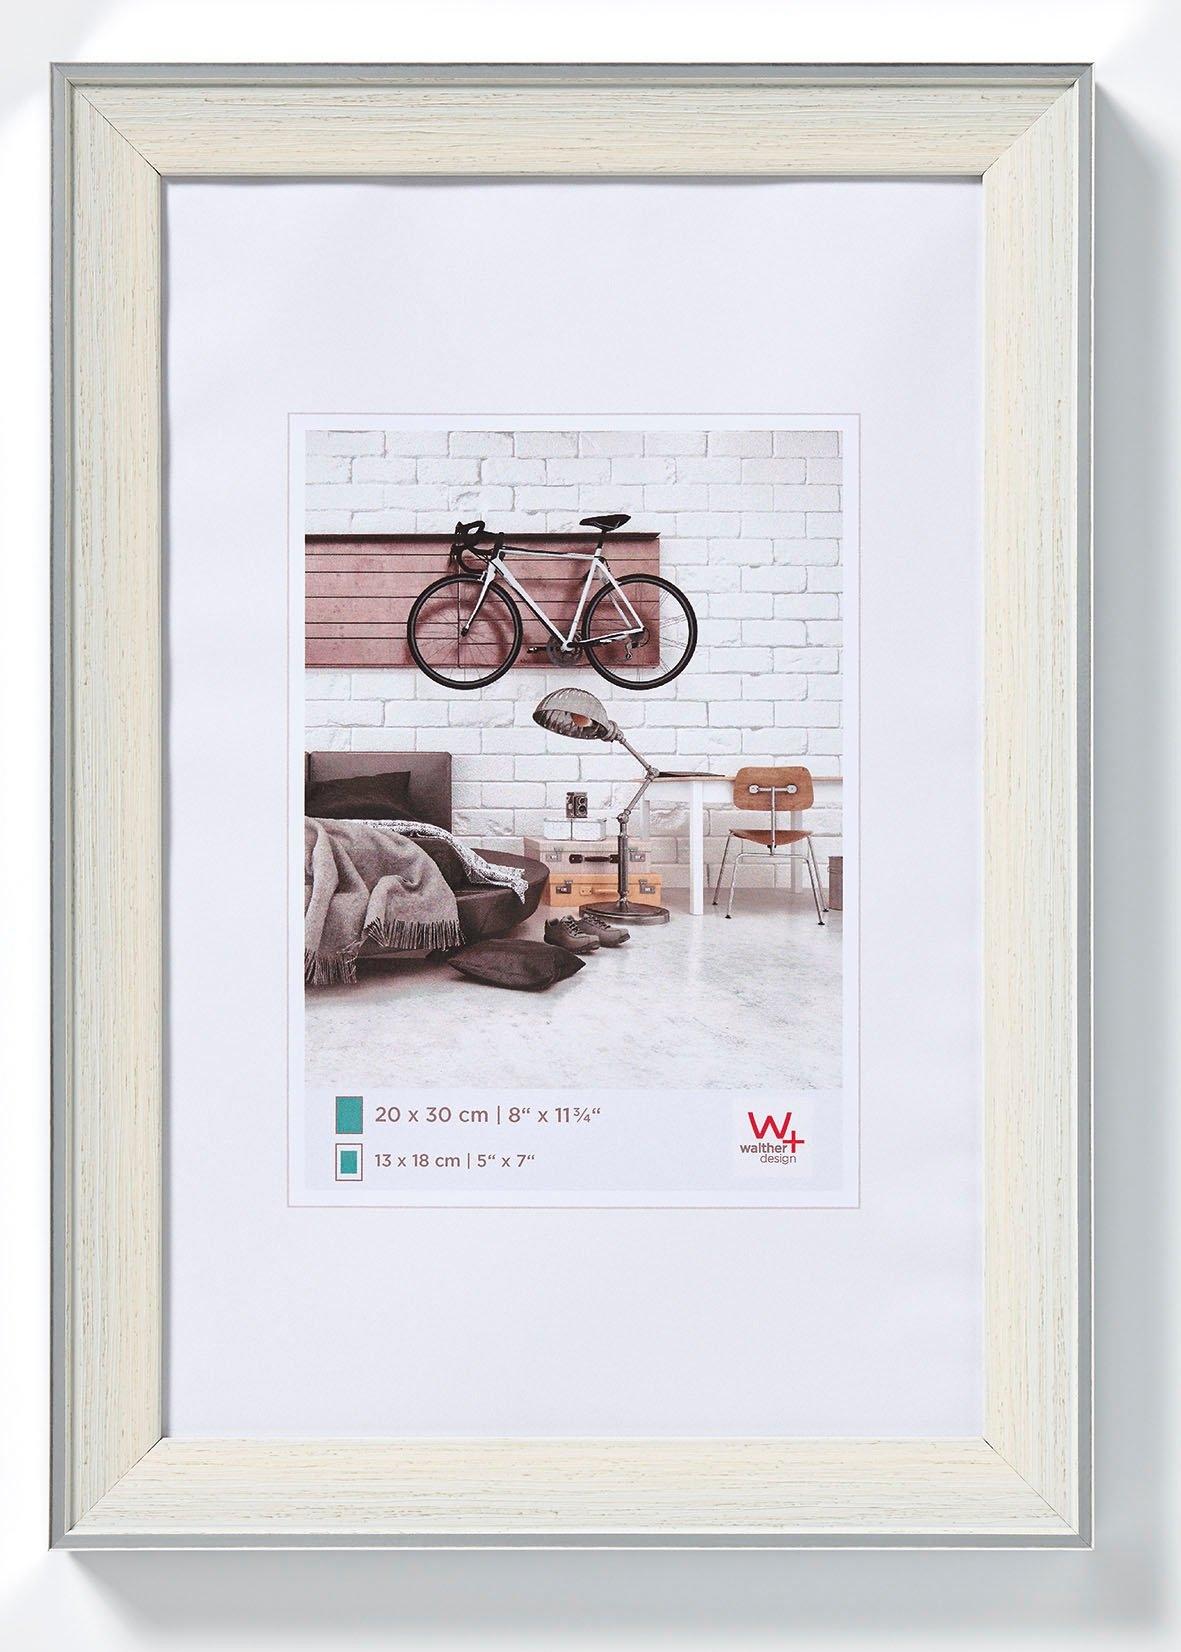 Walther fotolijstje Bohemien designlijst (1 stuk) online kopen op otto.nl